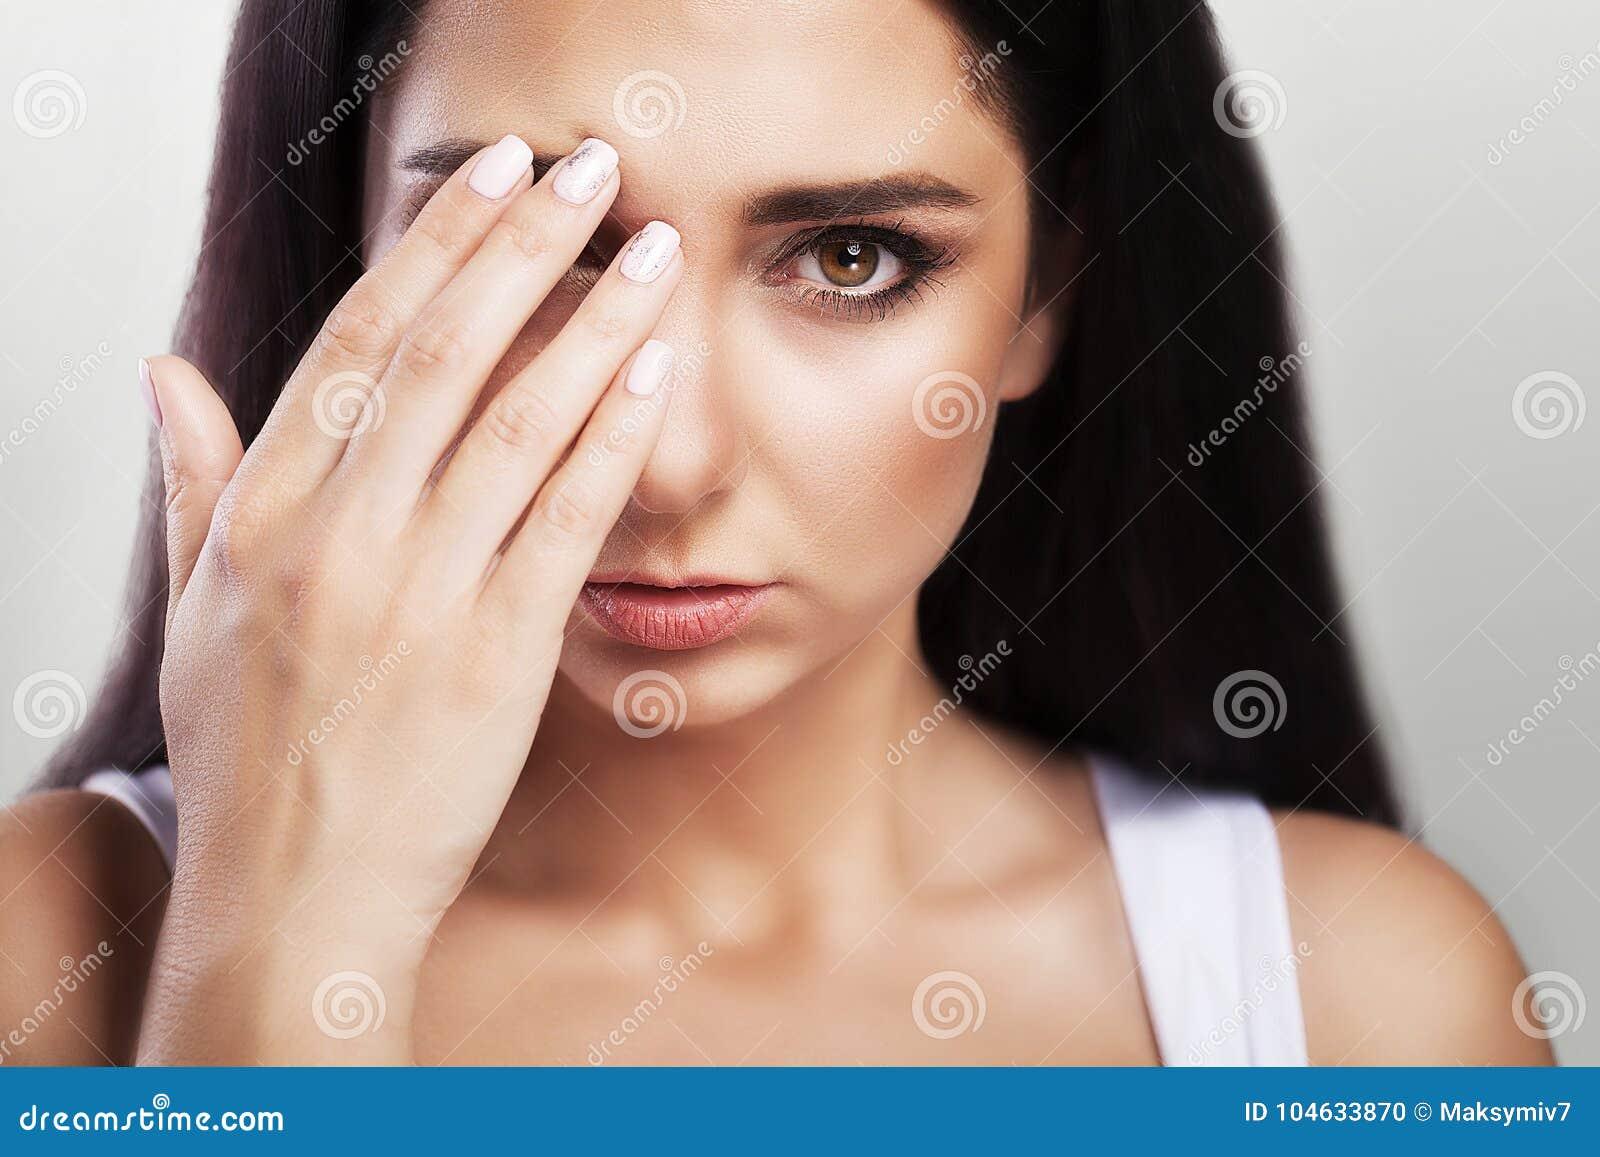 Download Hoofdpijn En Strenge Spanning Ervaring Pijnlijk Gevoel In Het Hoofd Moeheid Het Concept Gezondheid Op Een Grijze Achtergrond Stock Foto - Afbeelding bestaande uit stemming, meisje: 104633870